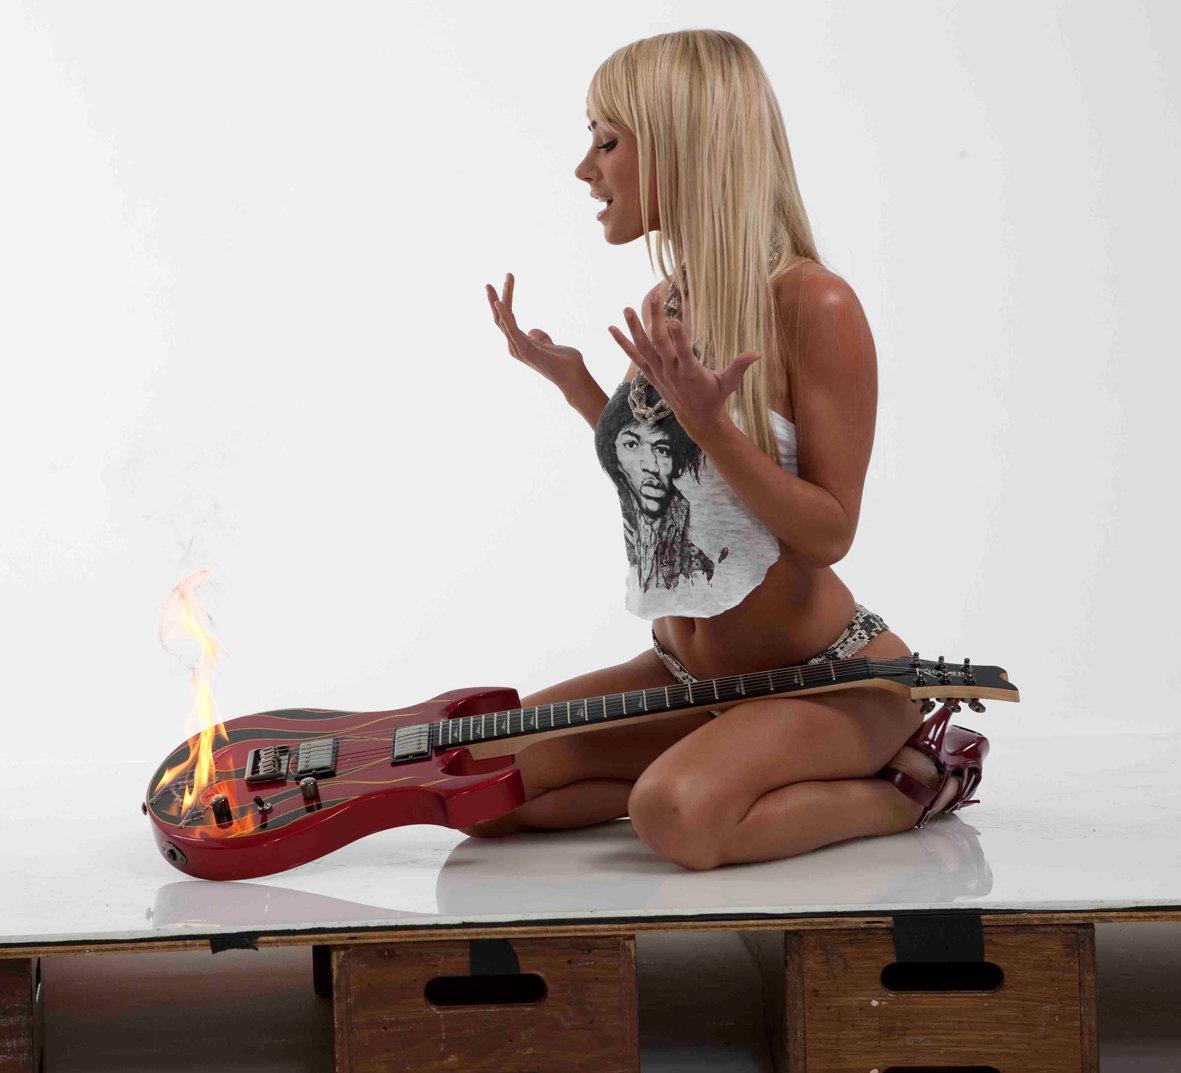 голая девушка играет на гитаре